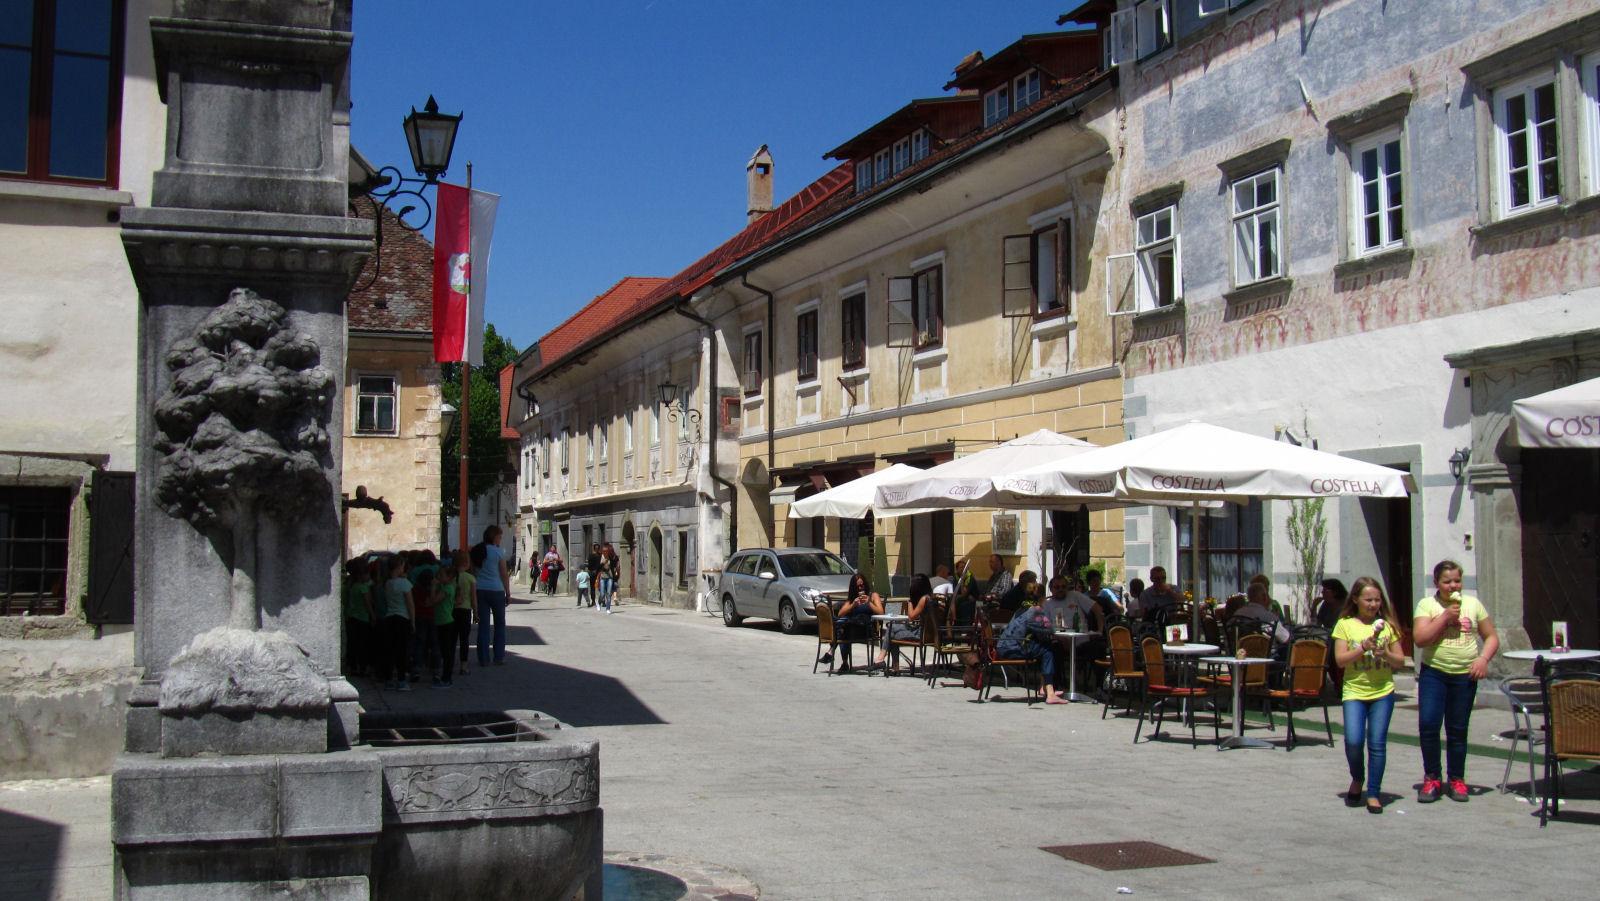 radovljica-medieval-old-town-8350